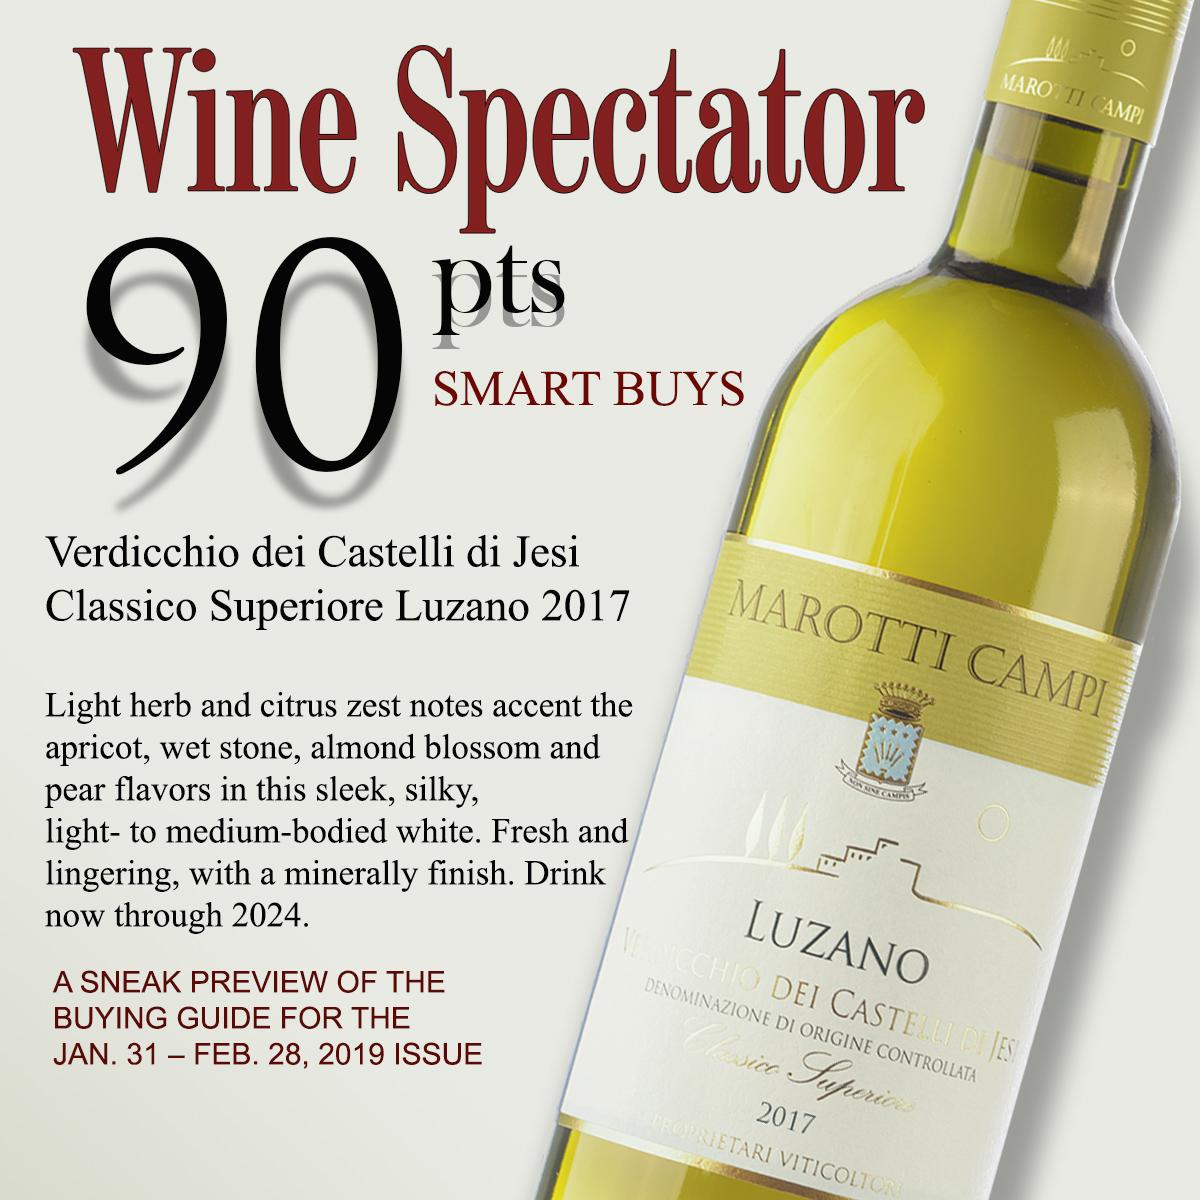 Wine Spectator Verdicchio Marotti Campi Luzano 90 pts